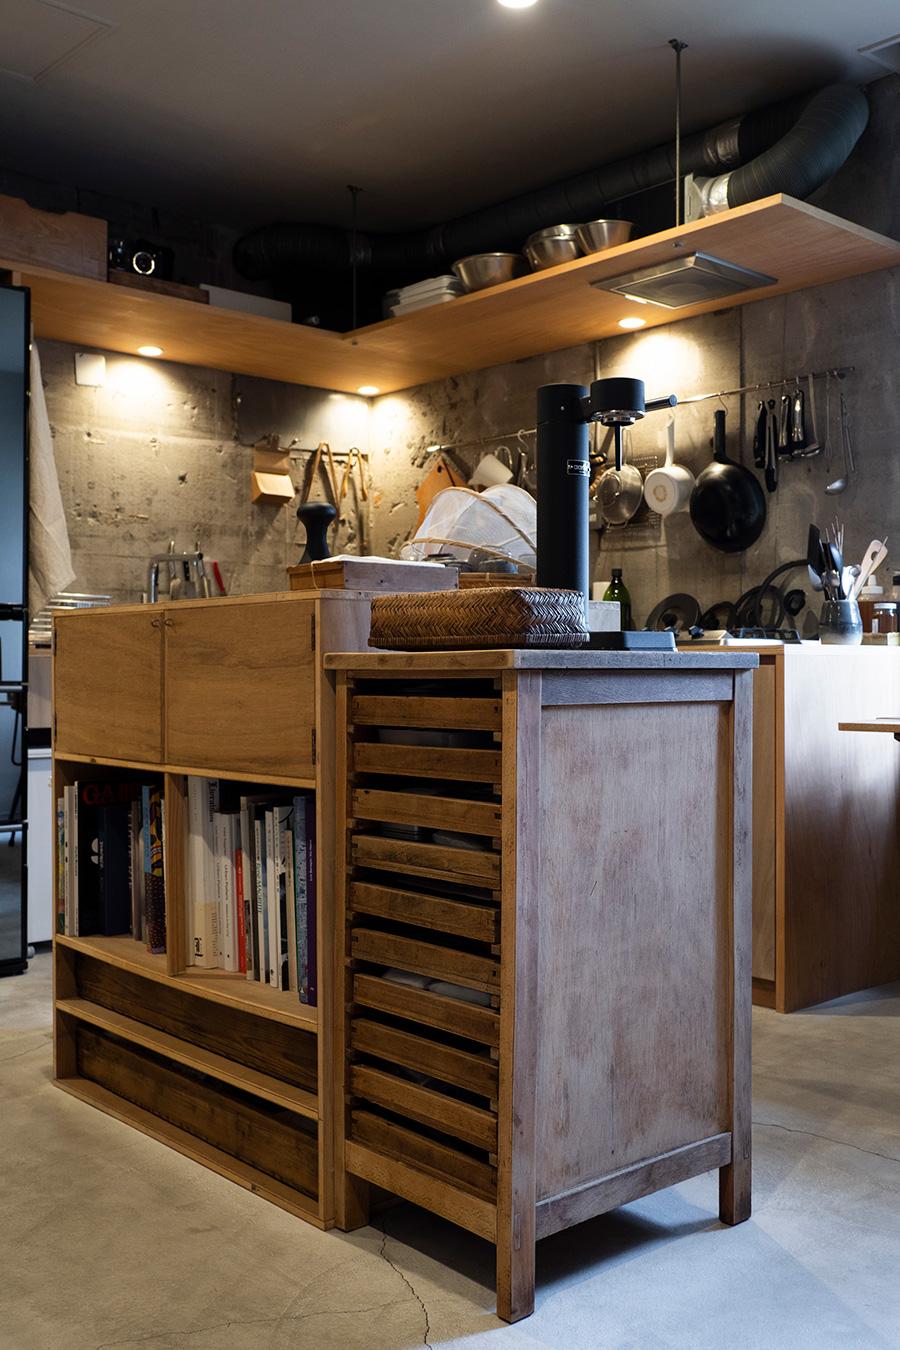 中央の造作の棚の隣には、古道具の棚をコーディネート。本や食品、ストック食材をアイランドに収納。